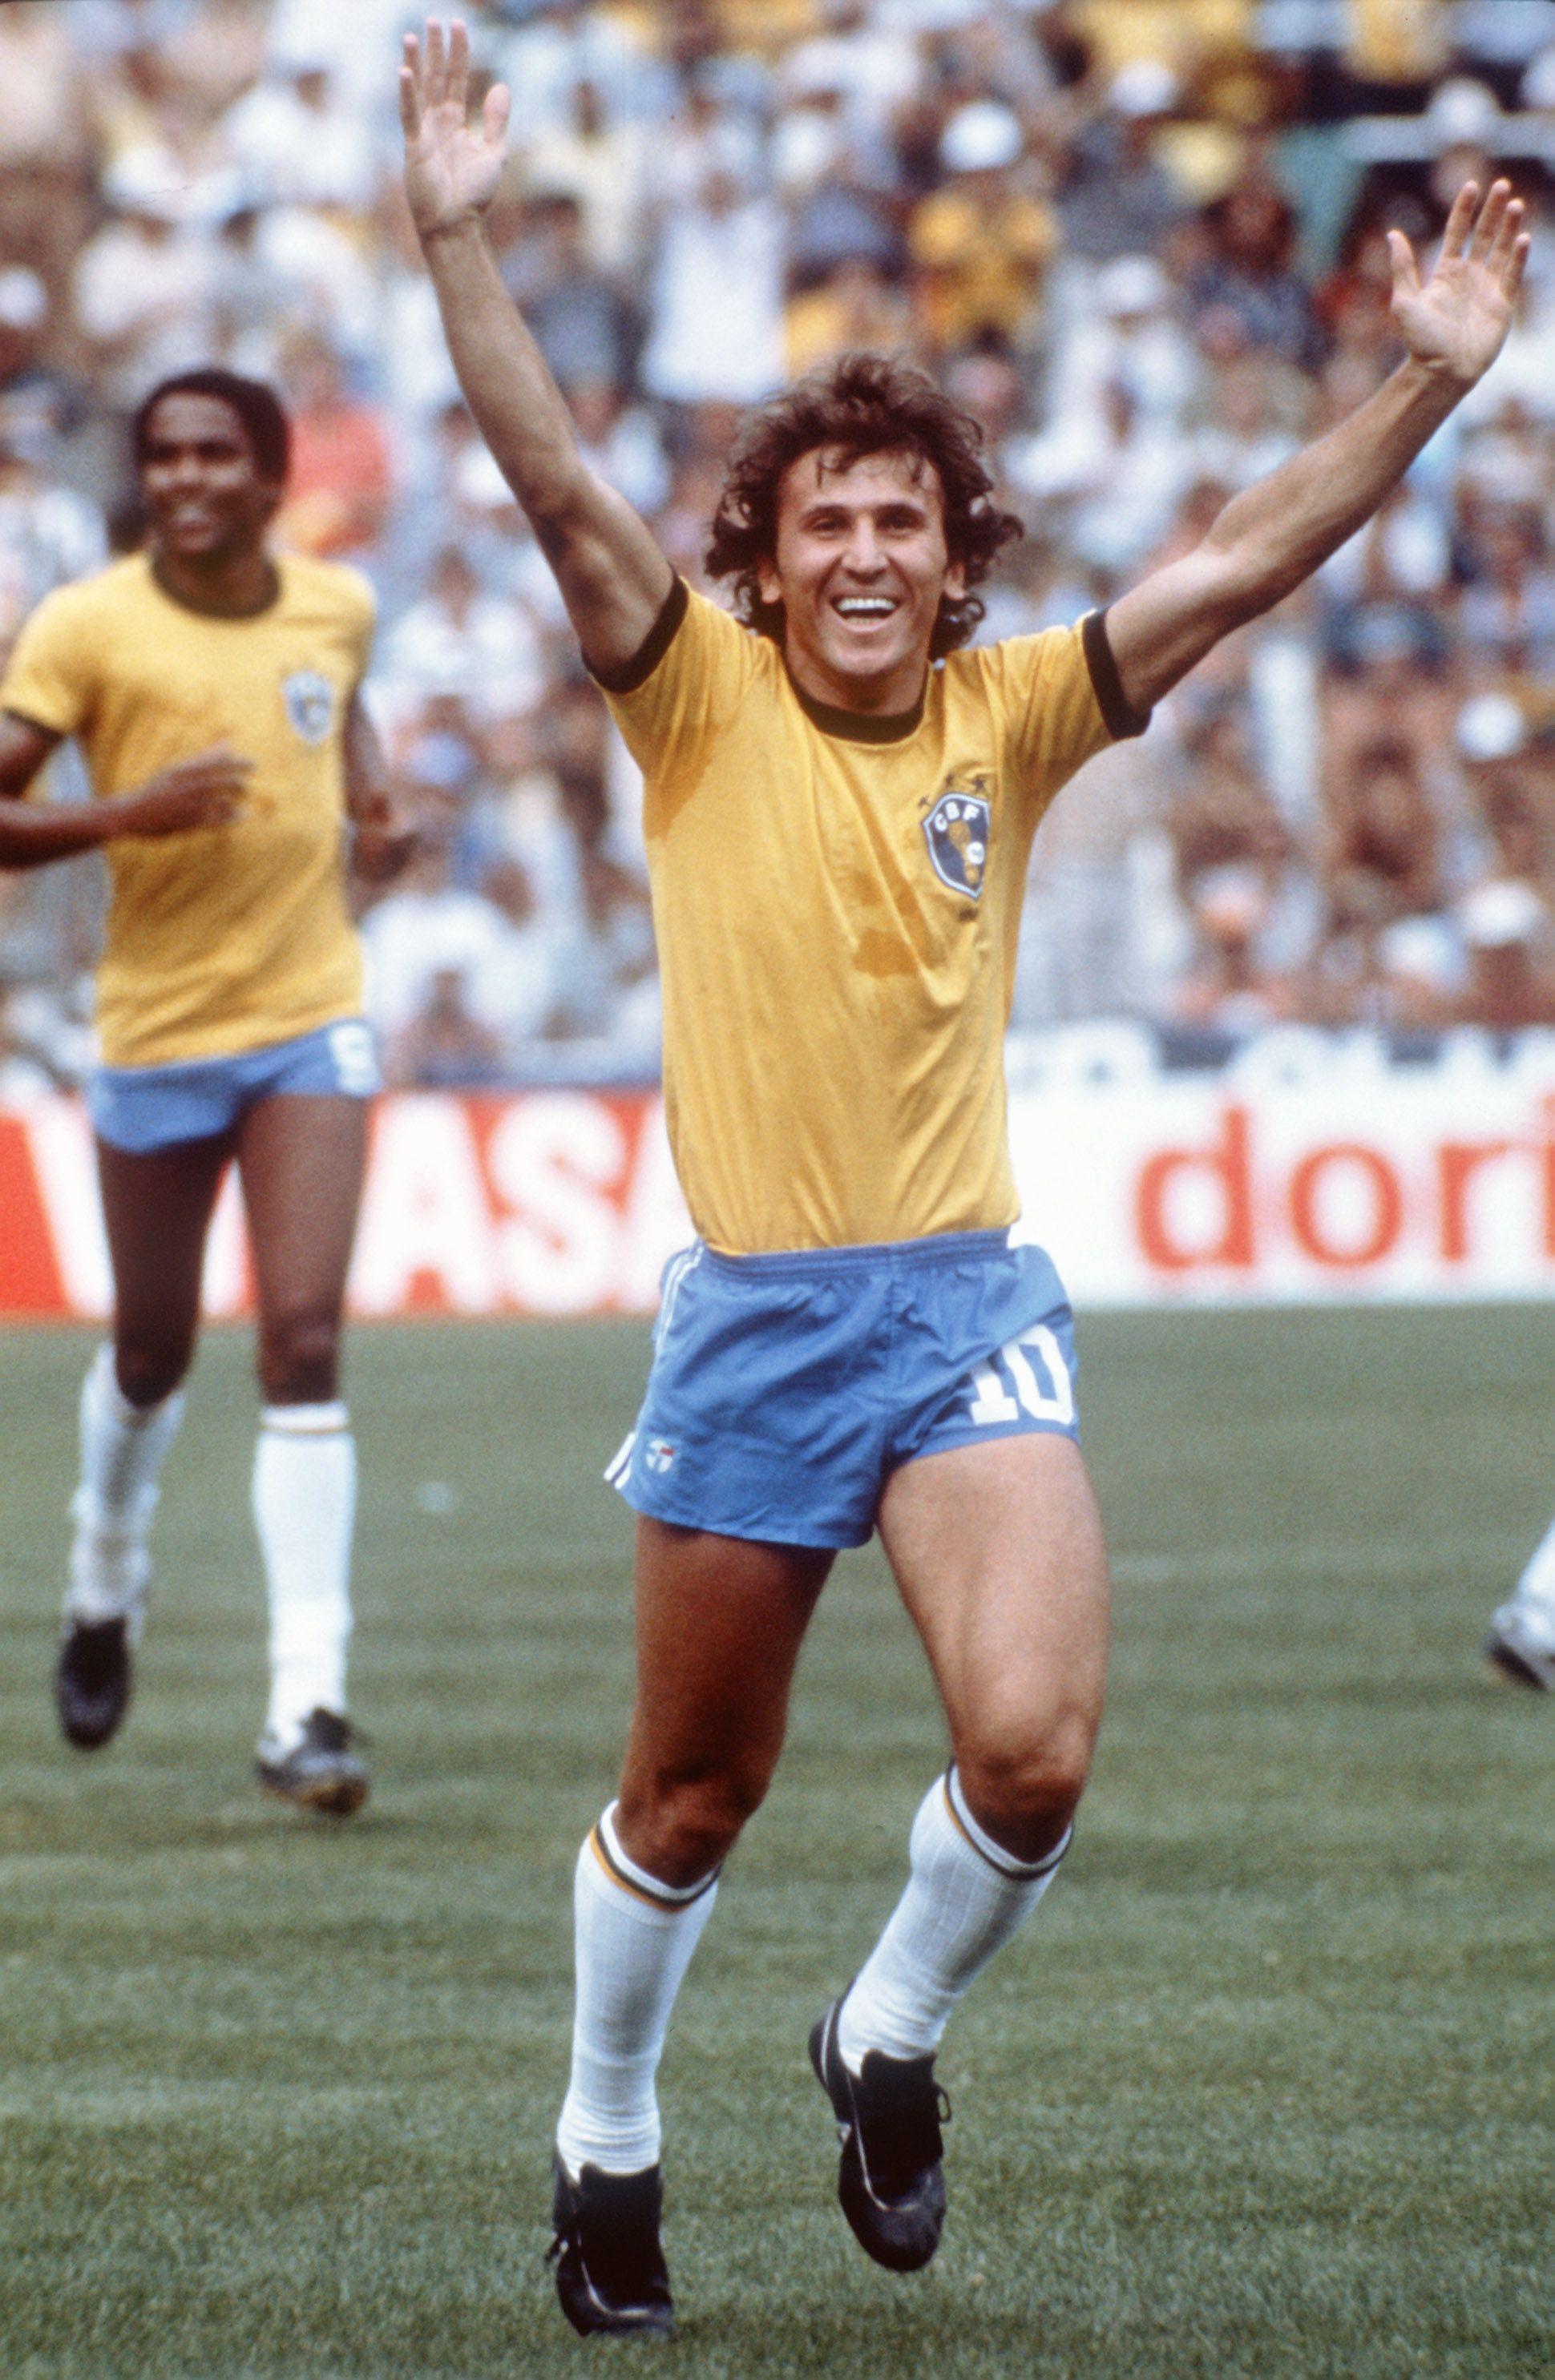 Zico Der Weisse Pele Fussball Von Einem Anderen Stern Fur Mich Der Beste Fussballer Aller Zei Selecao Brasileira De Futebol Futebol Brasileiro Futebol Vintage